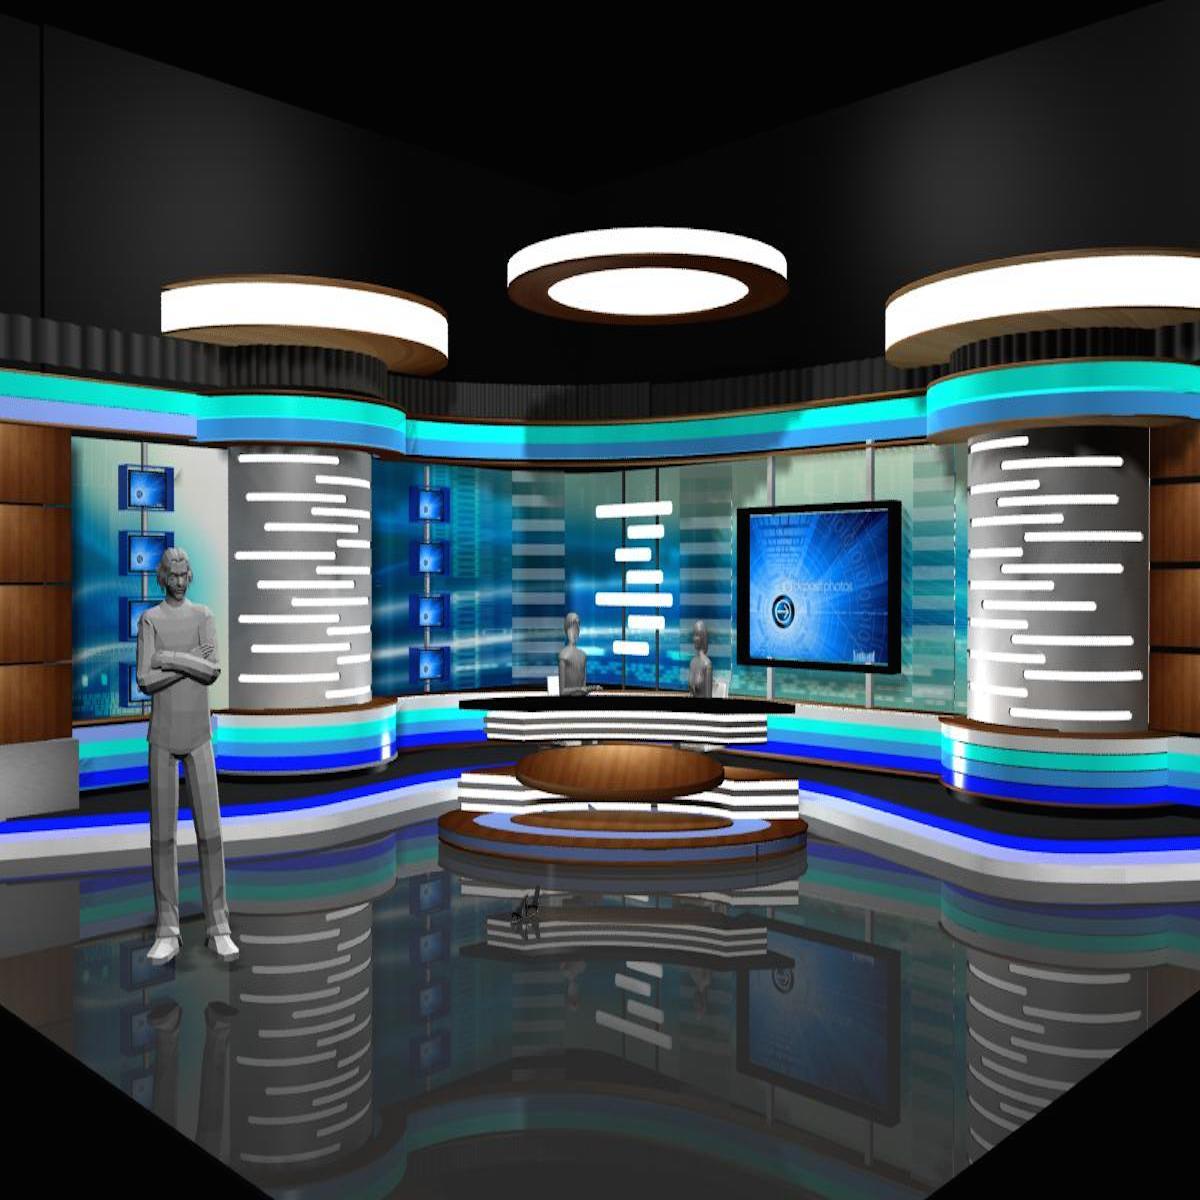 ziņu telpas studija 002 3d modelis 3ds max dxf dwg fbx tekstūra obj 215530